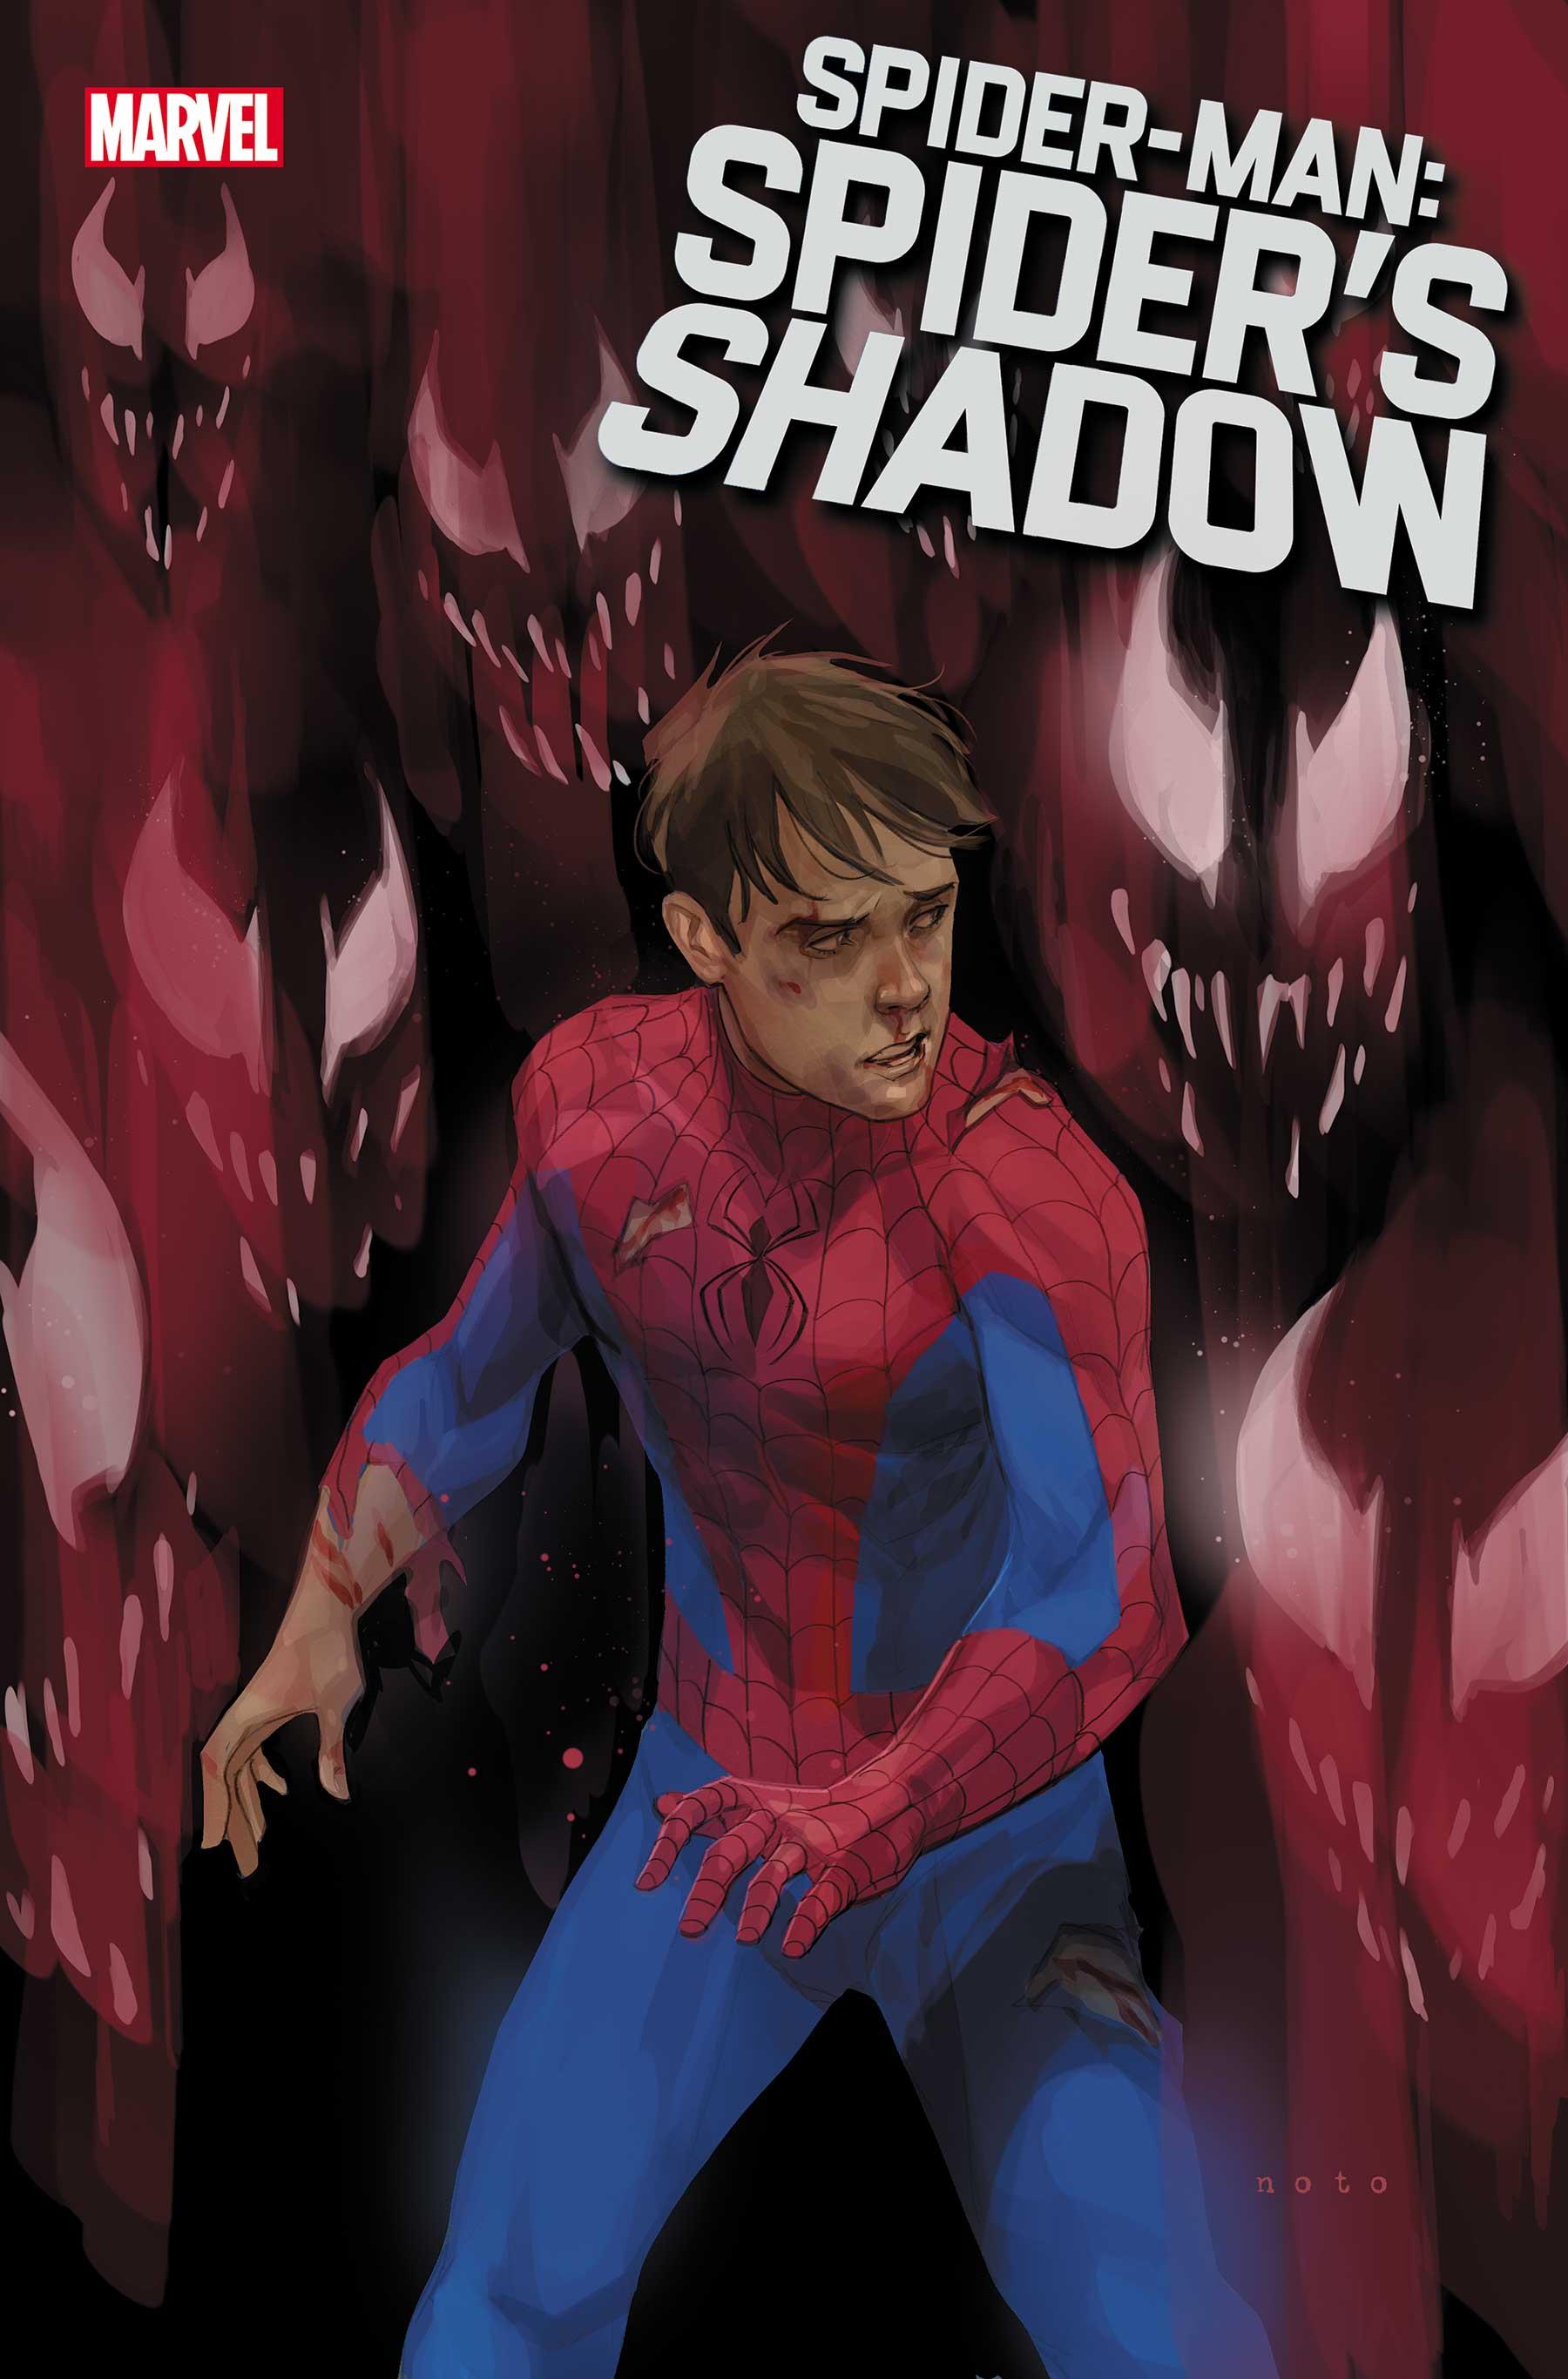 Spider-Man: Spider's Shadow (2021) #5